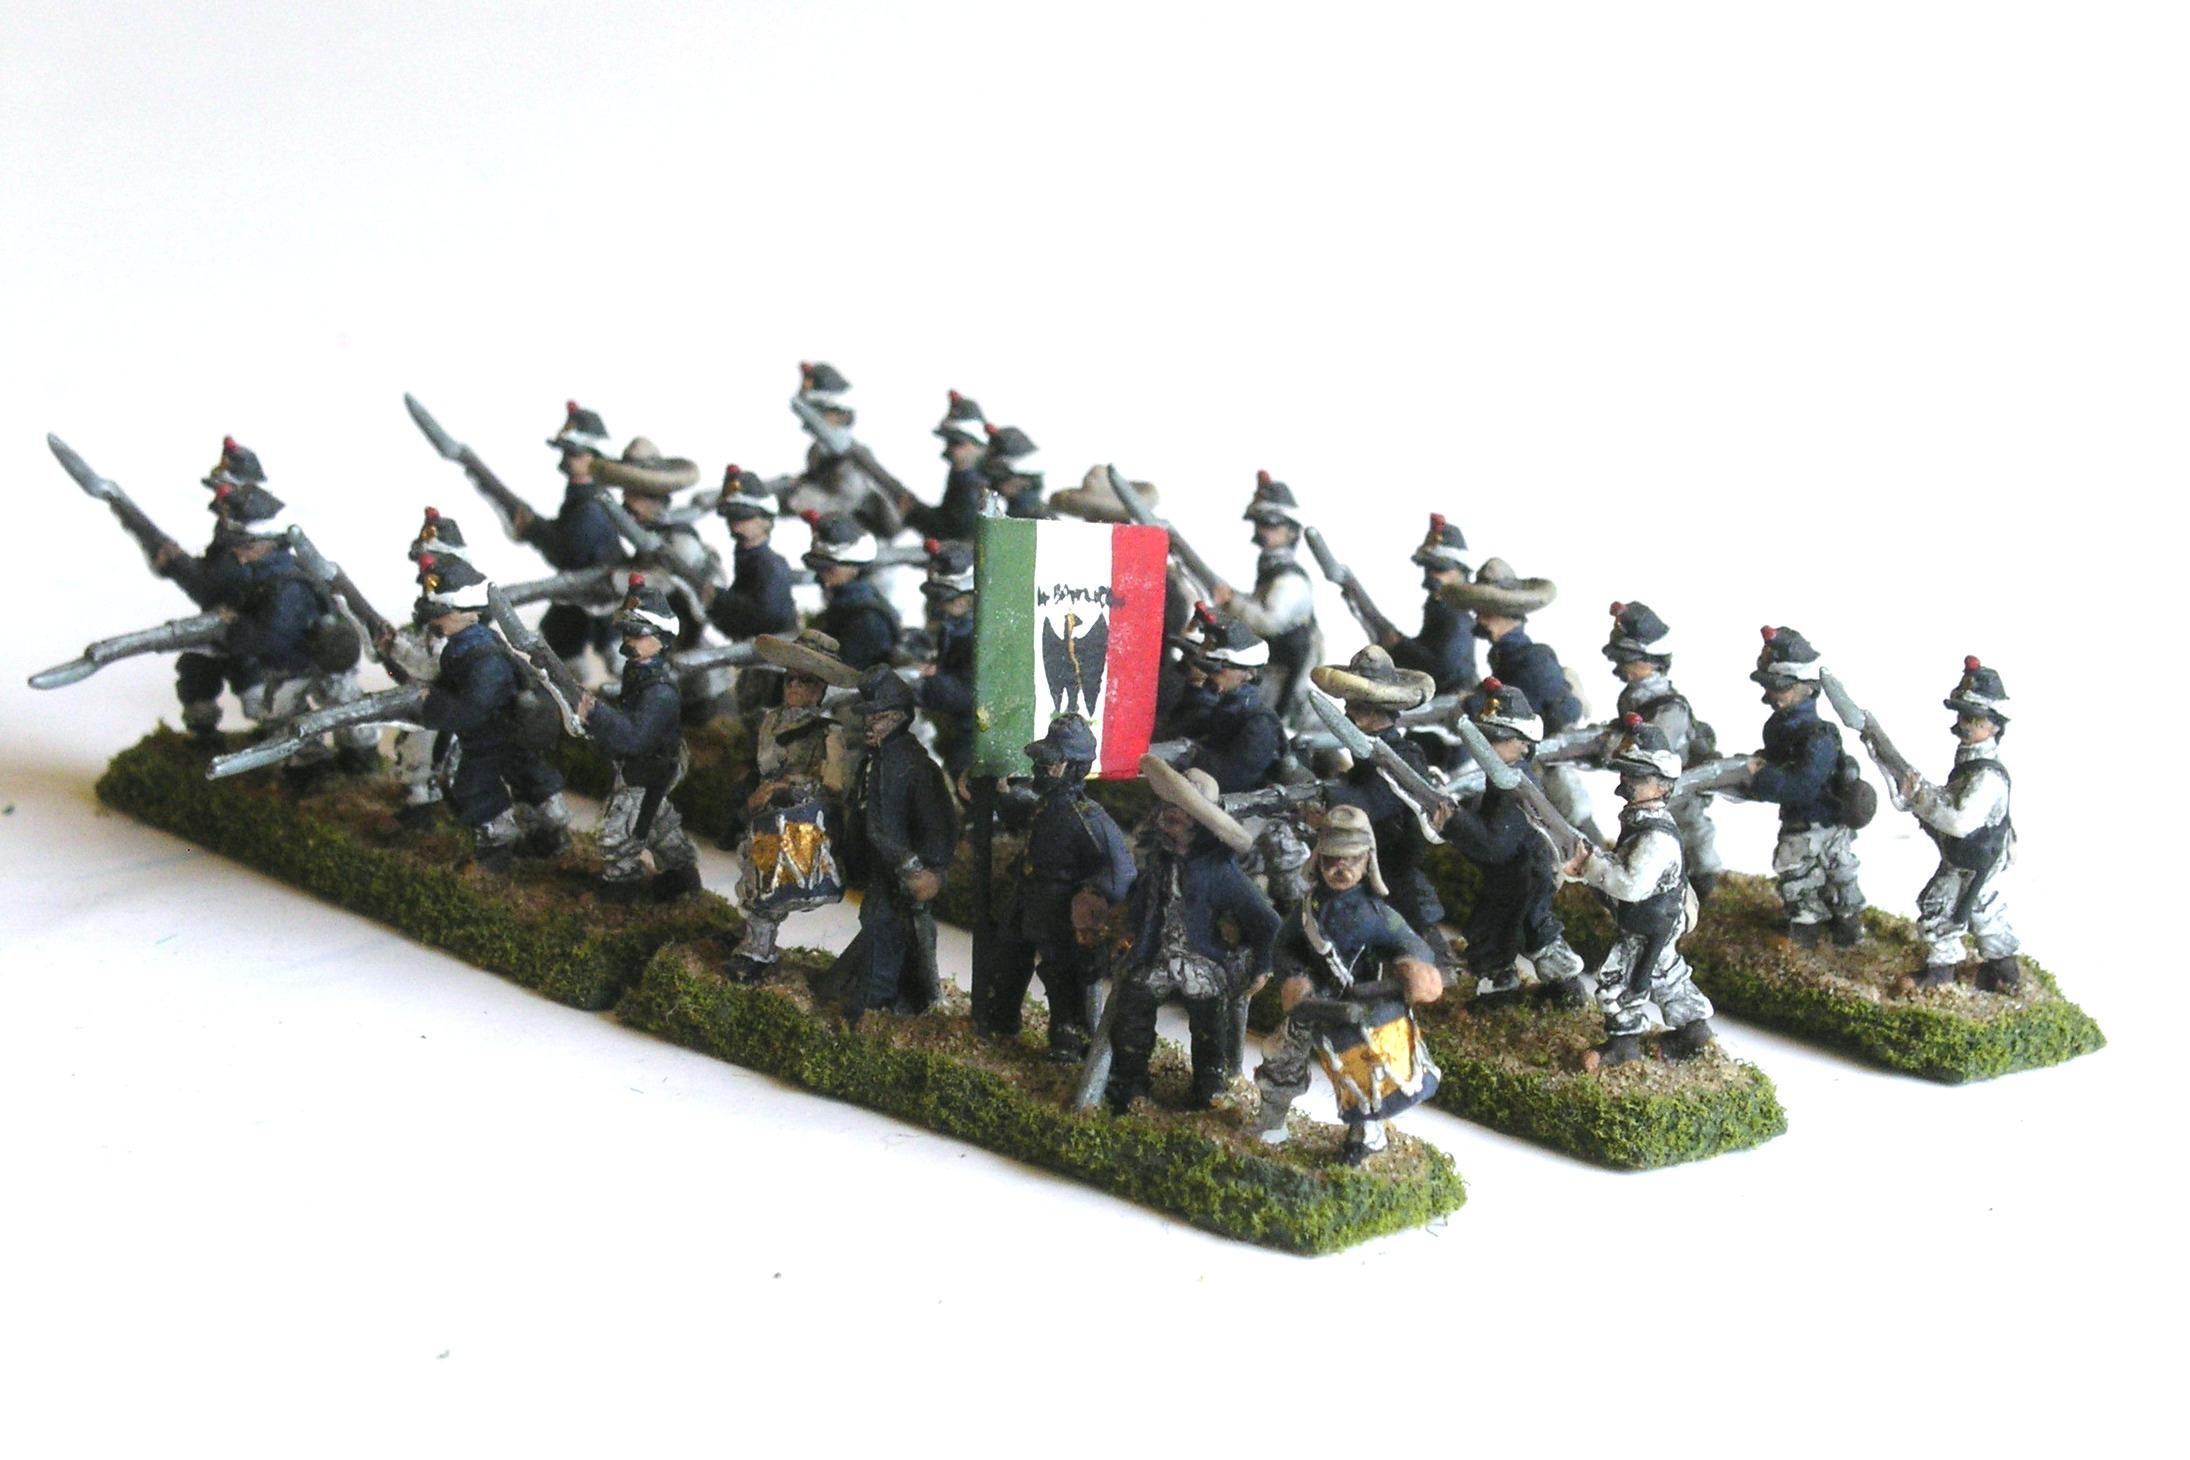 4th Battalion